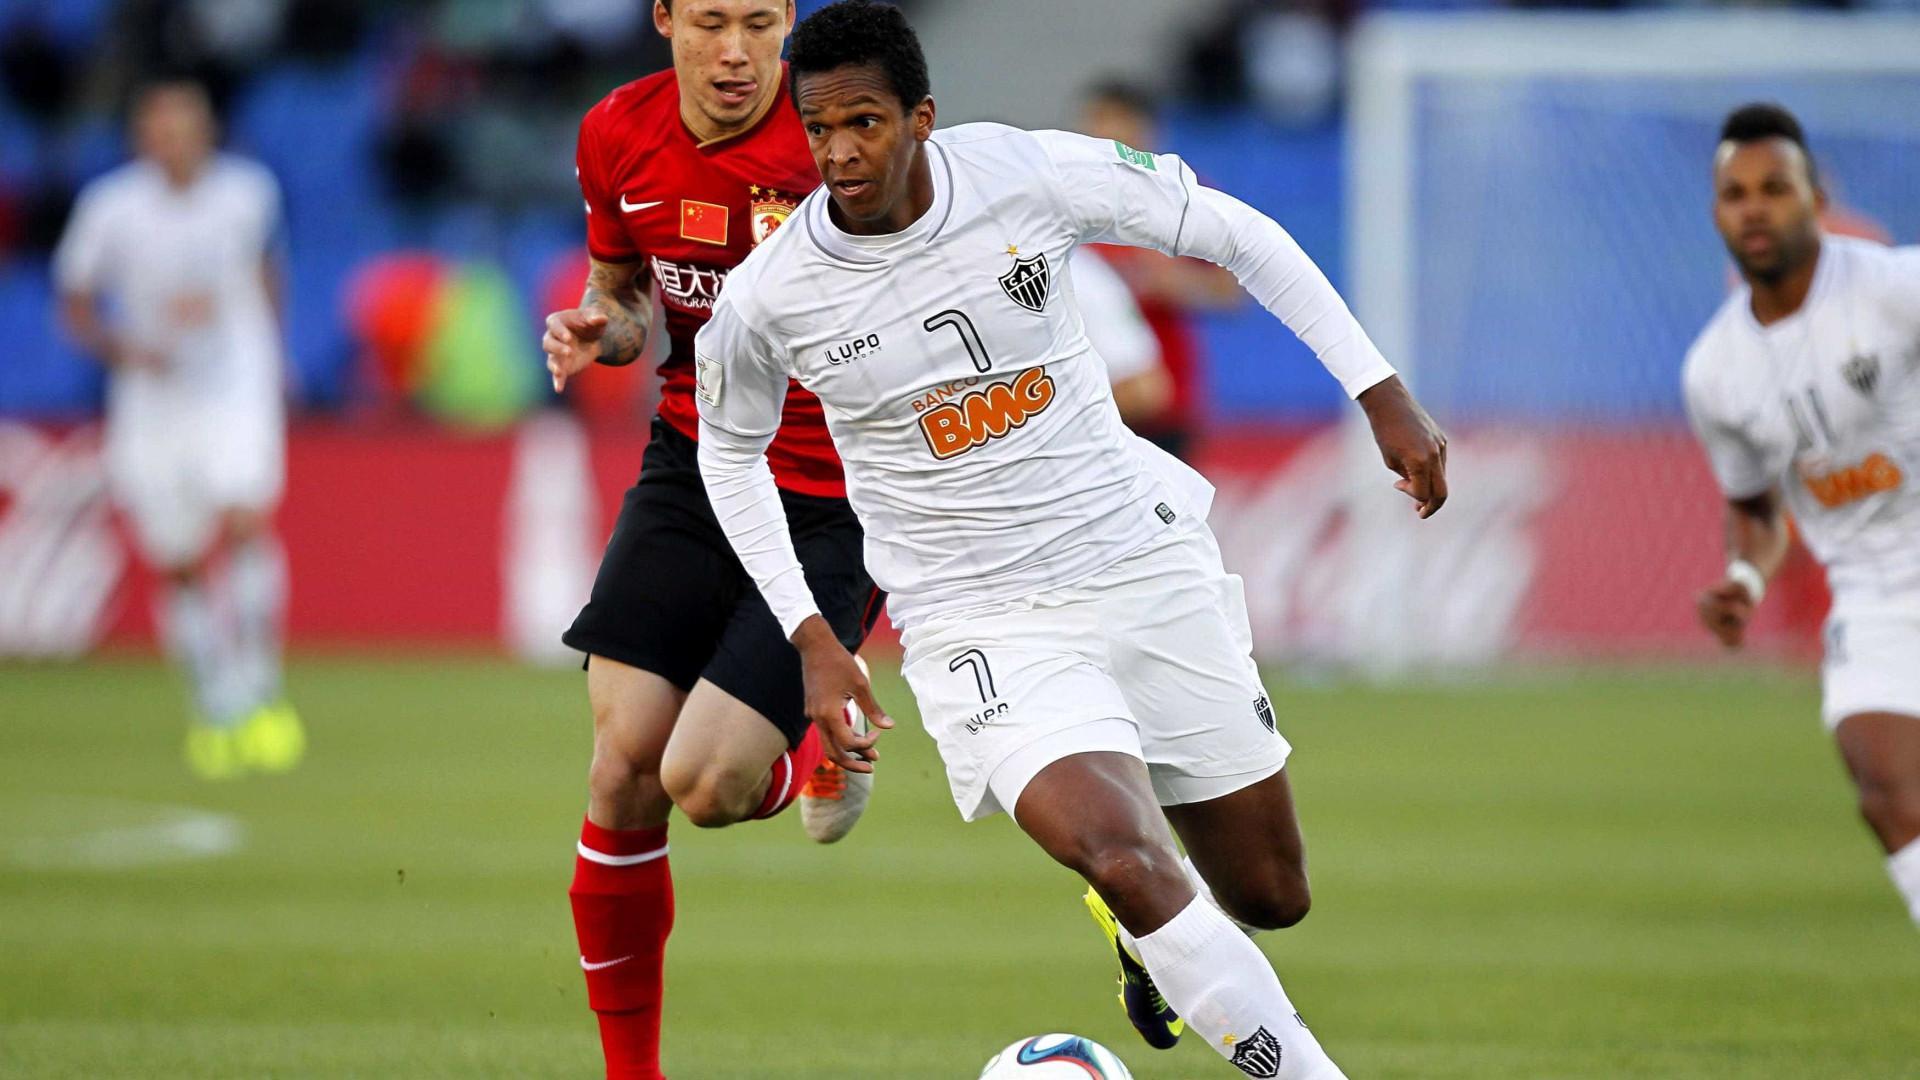 Por maior concorrência no Atlético-MG, Jô preferiu Corinthians